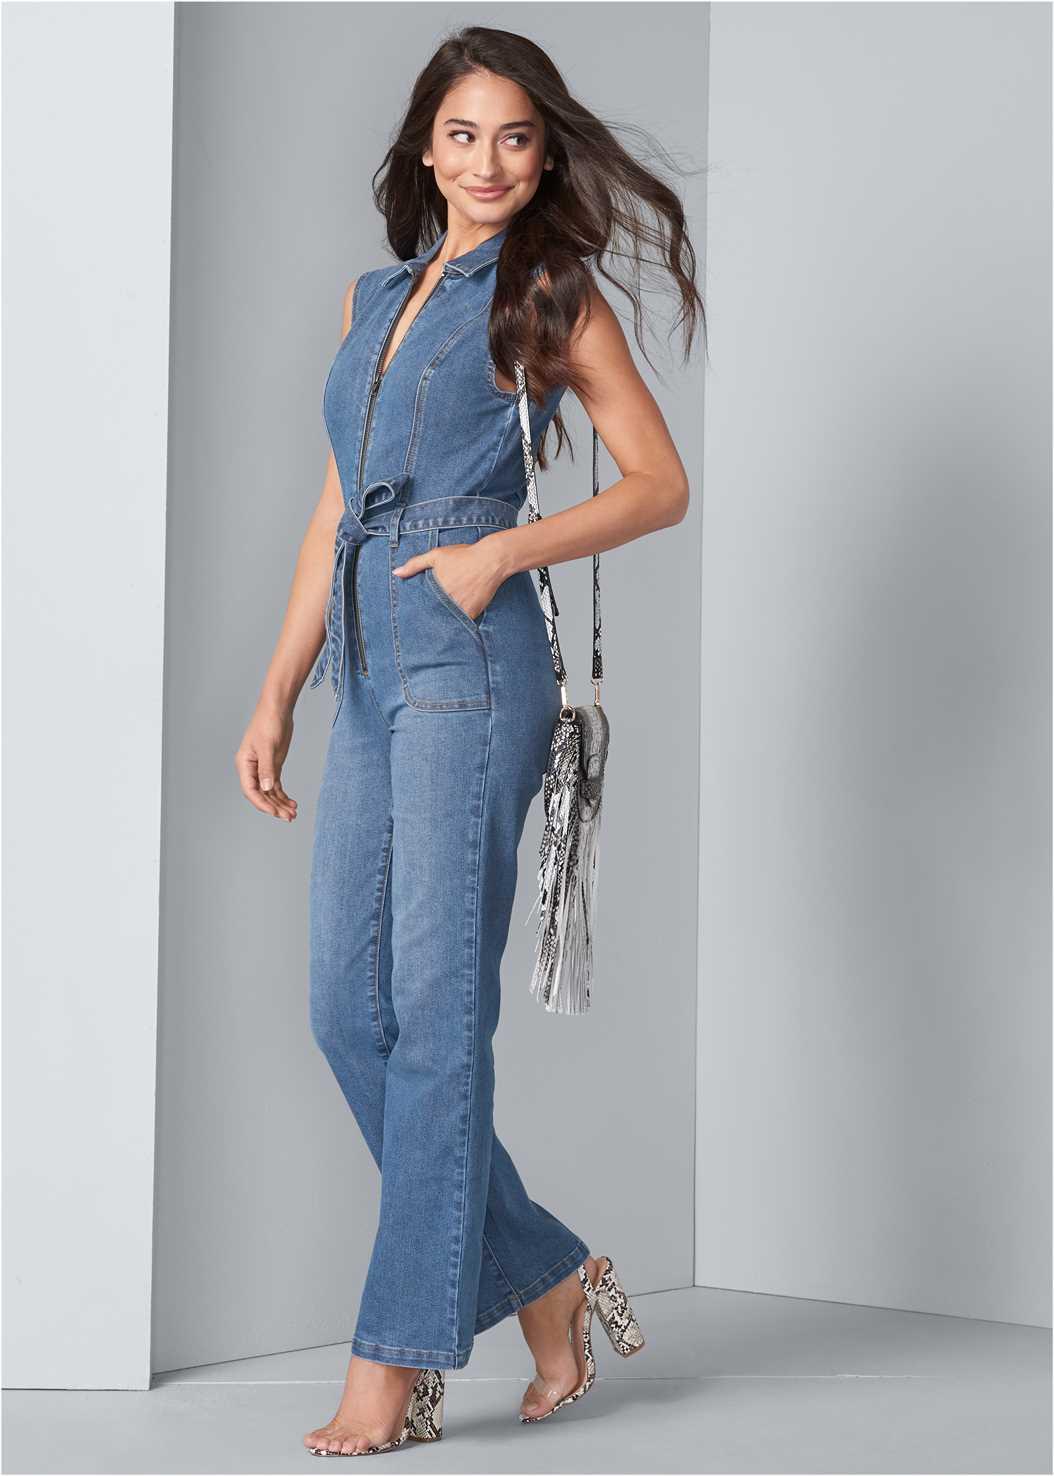 Denim Jumpsuit,Lucite Detail Print Heels,Fringe Crossbody,Studded Belt Bag